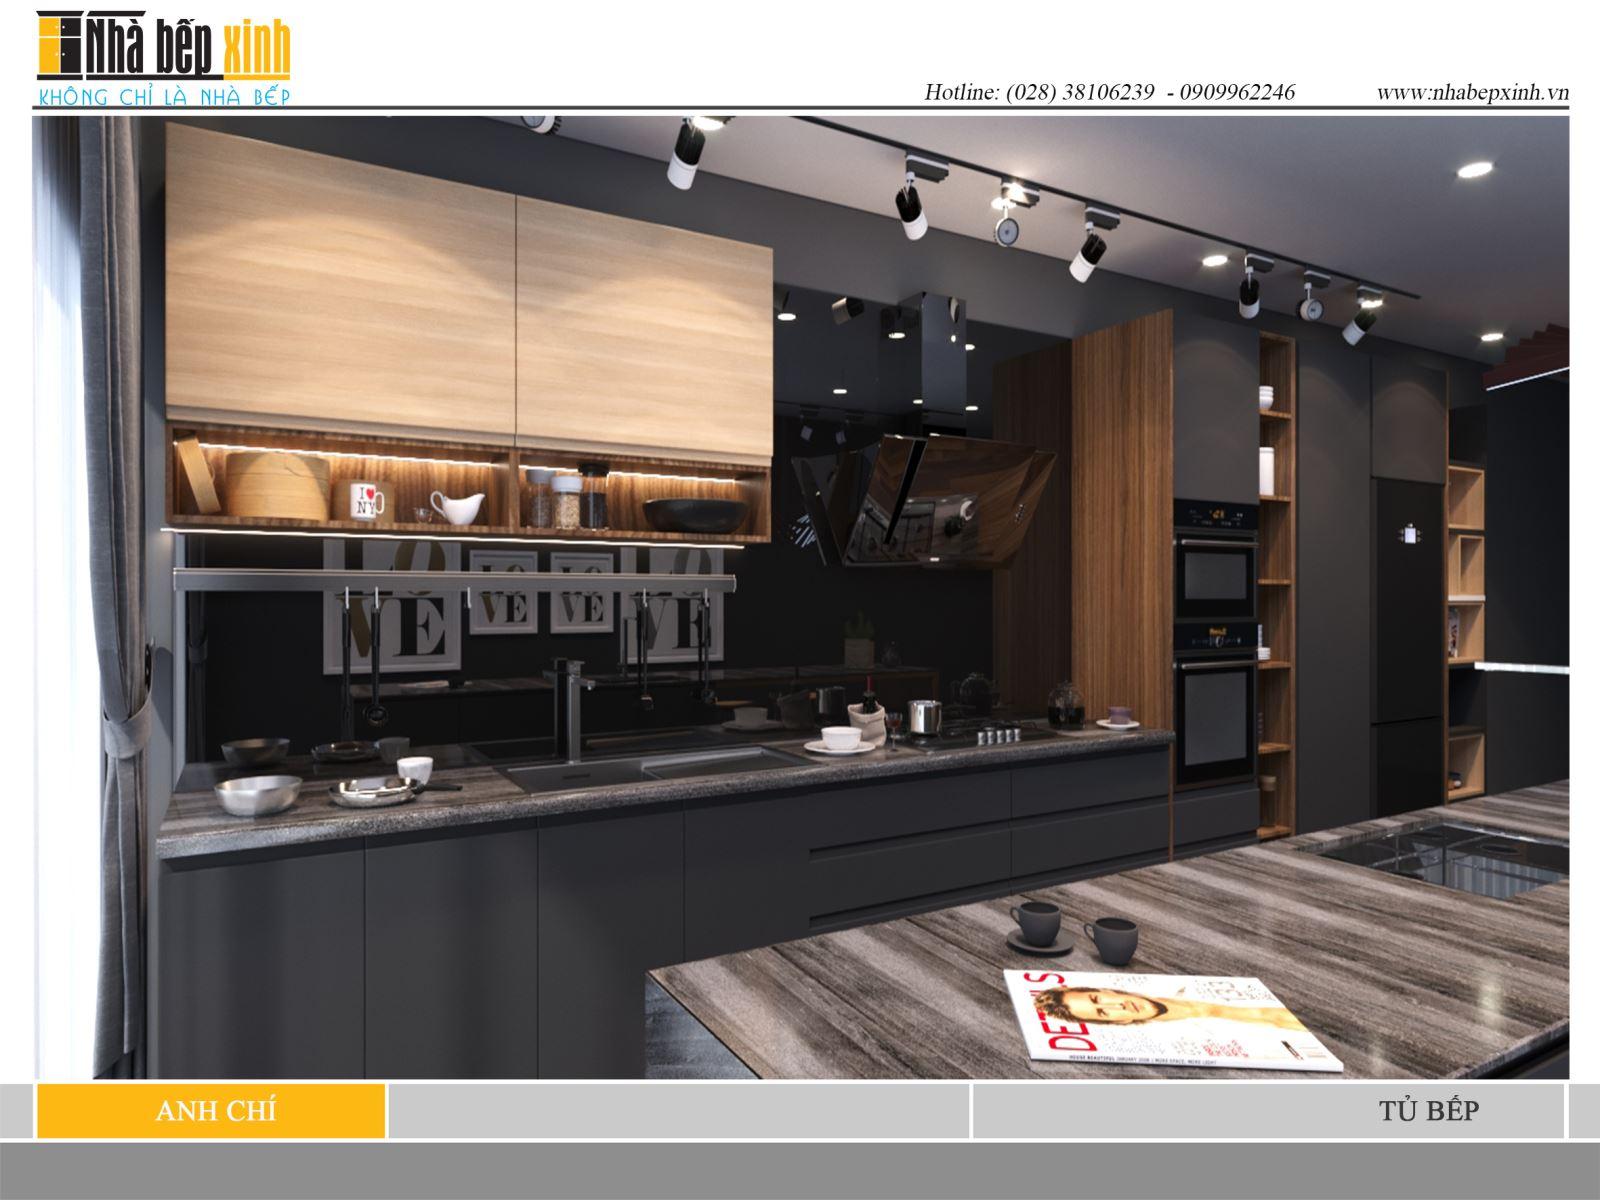 Tủ bếp chữ I hiện đại và sang trọng, thanh lịch cho phòng bếp